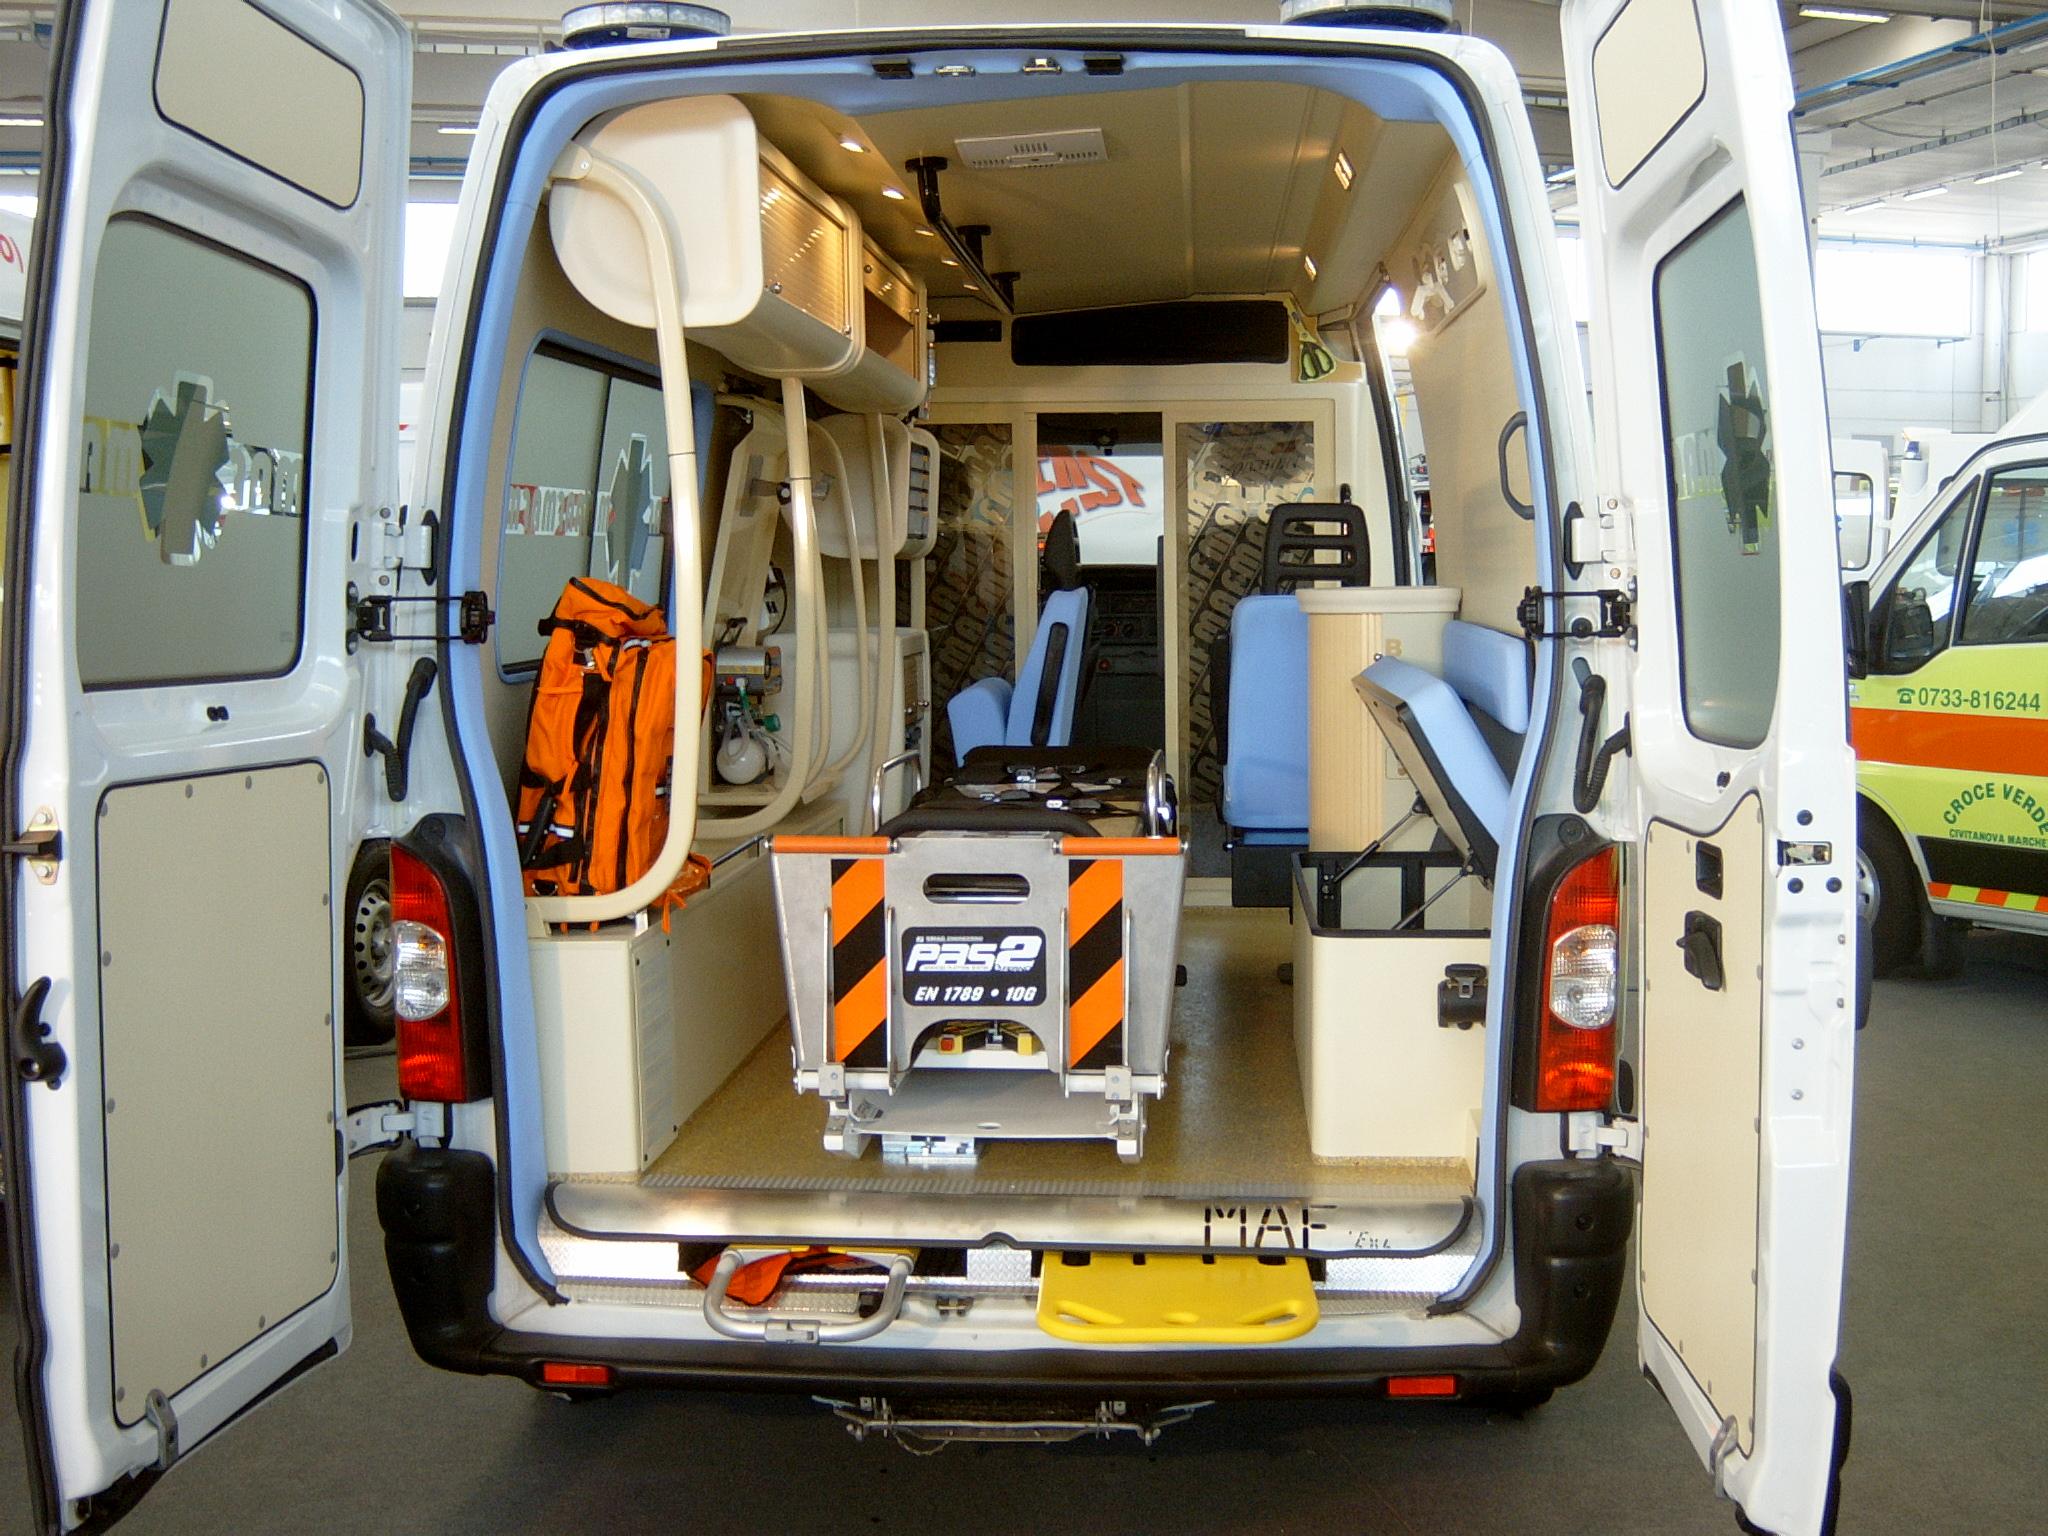 Foto 113: ambulanza dimostrativa sul Master terza serie, allestimento in acciaio termorivestito – foto ADG